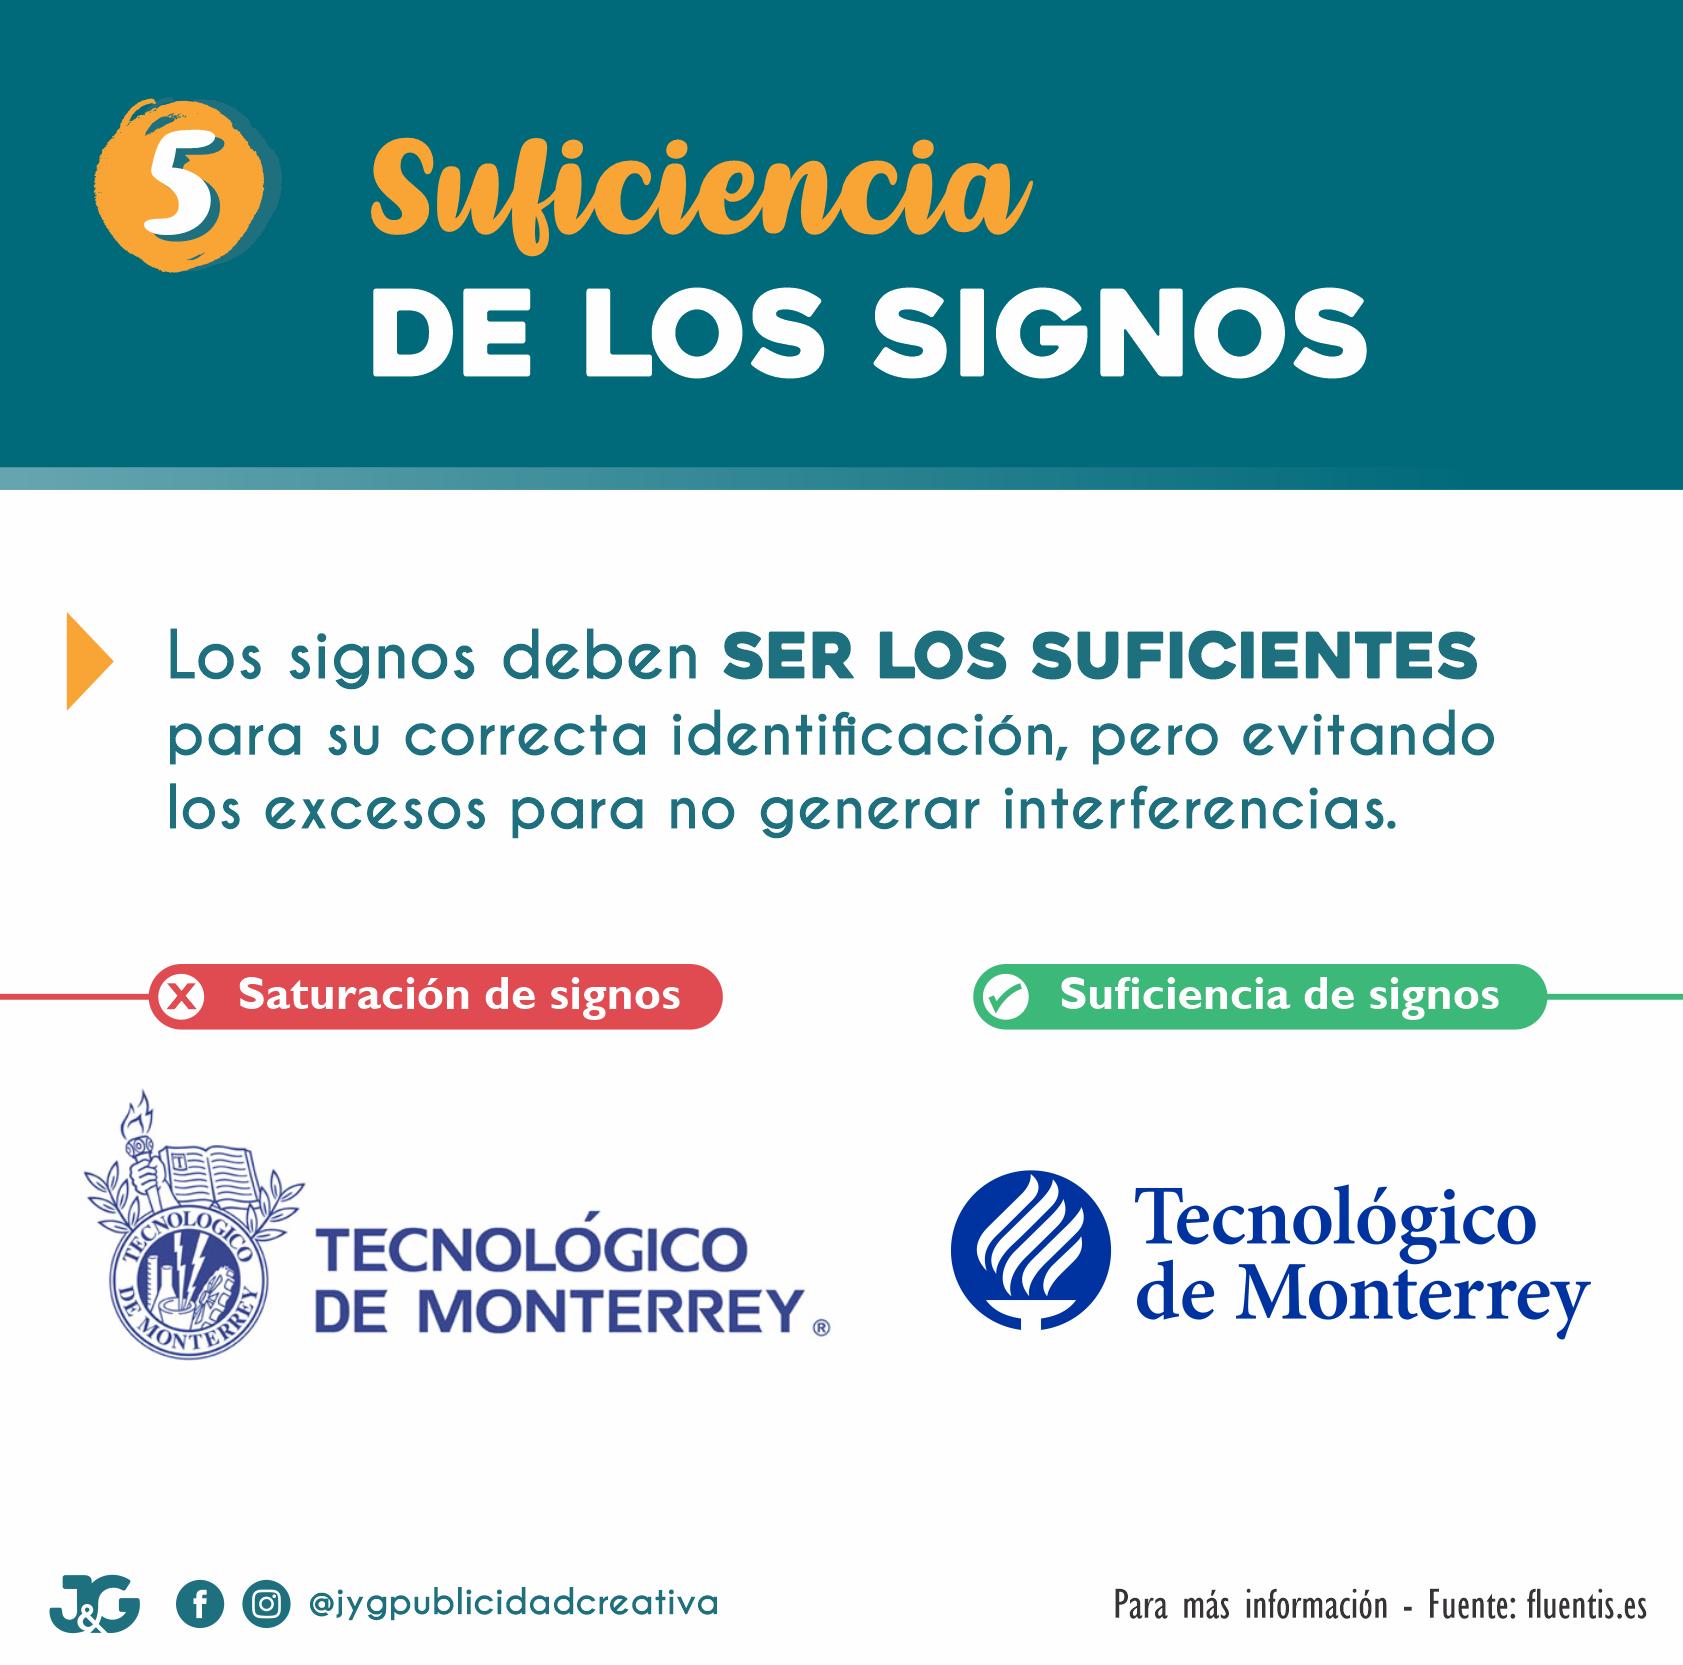 5 Suficiencia de los signos - JyG Publicidad Creativa